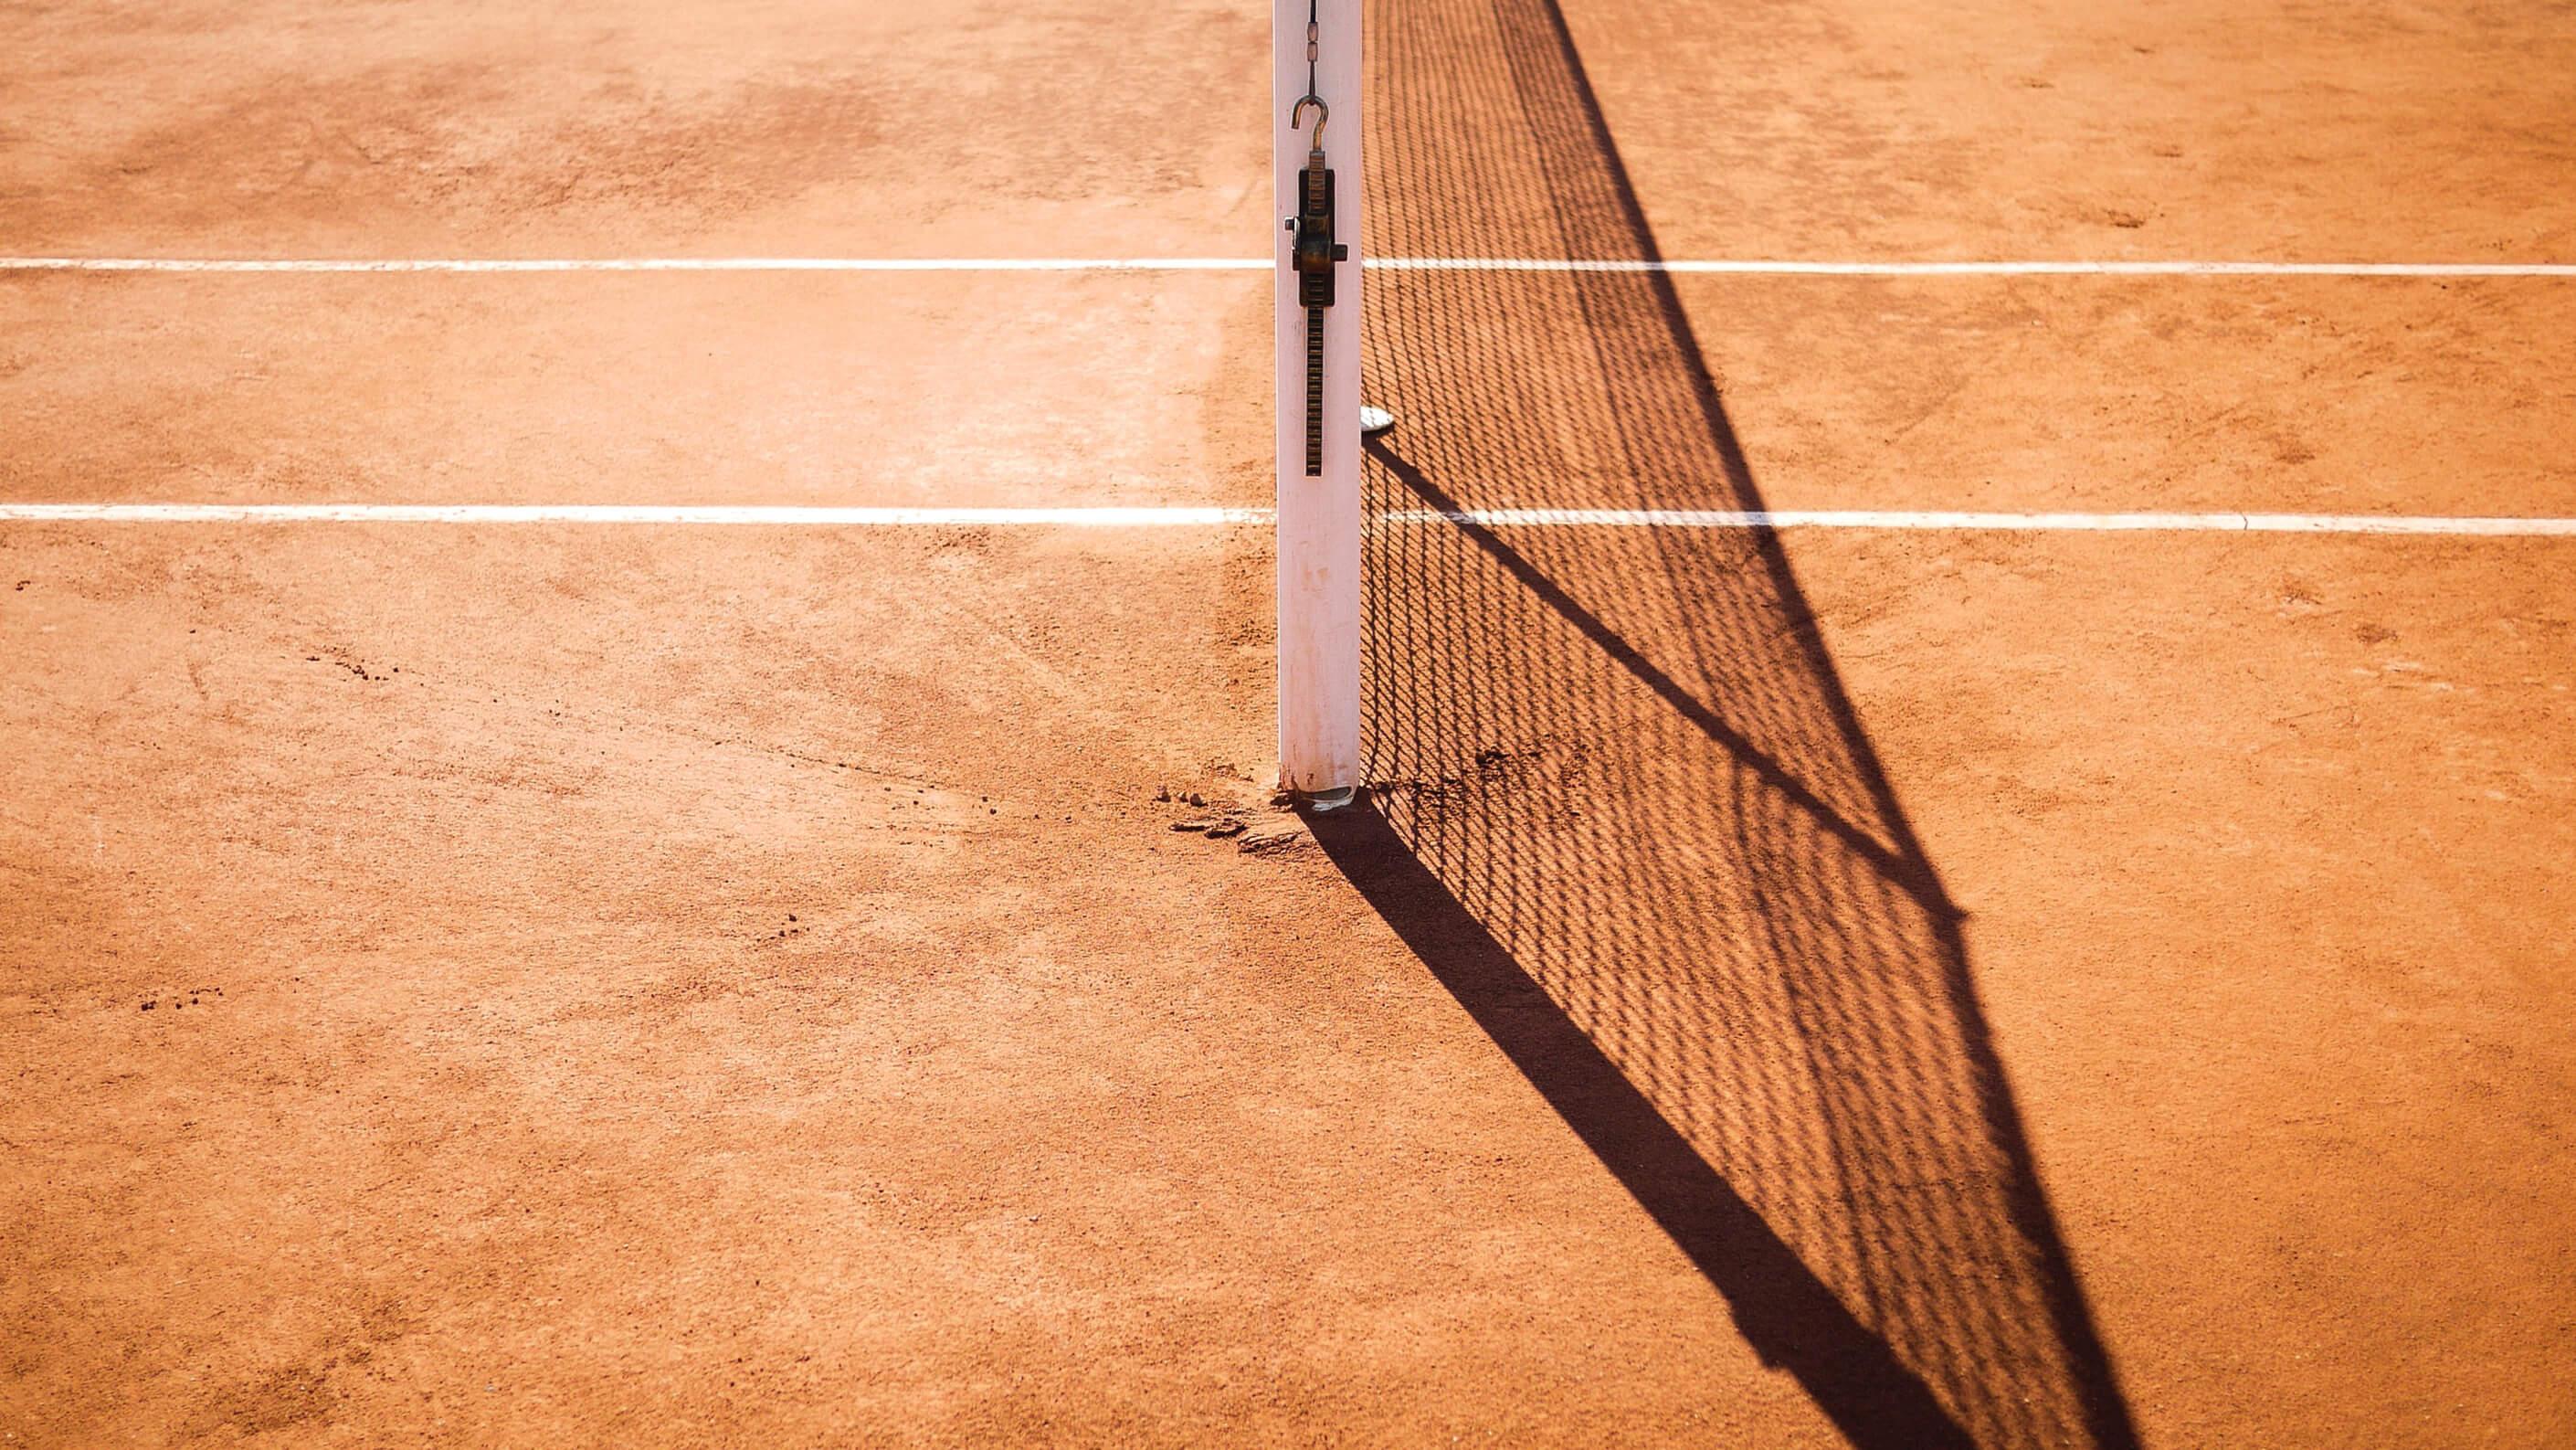 zveryno-teniso-kortai-2820×1587